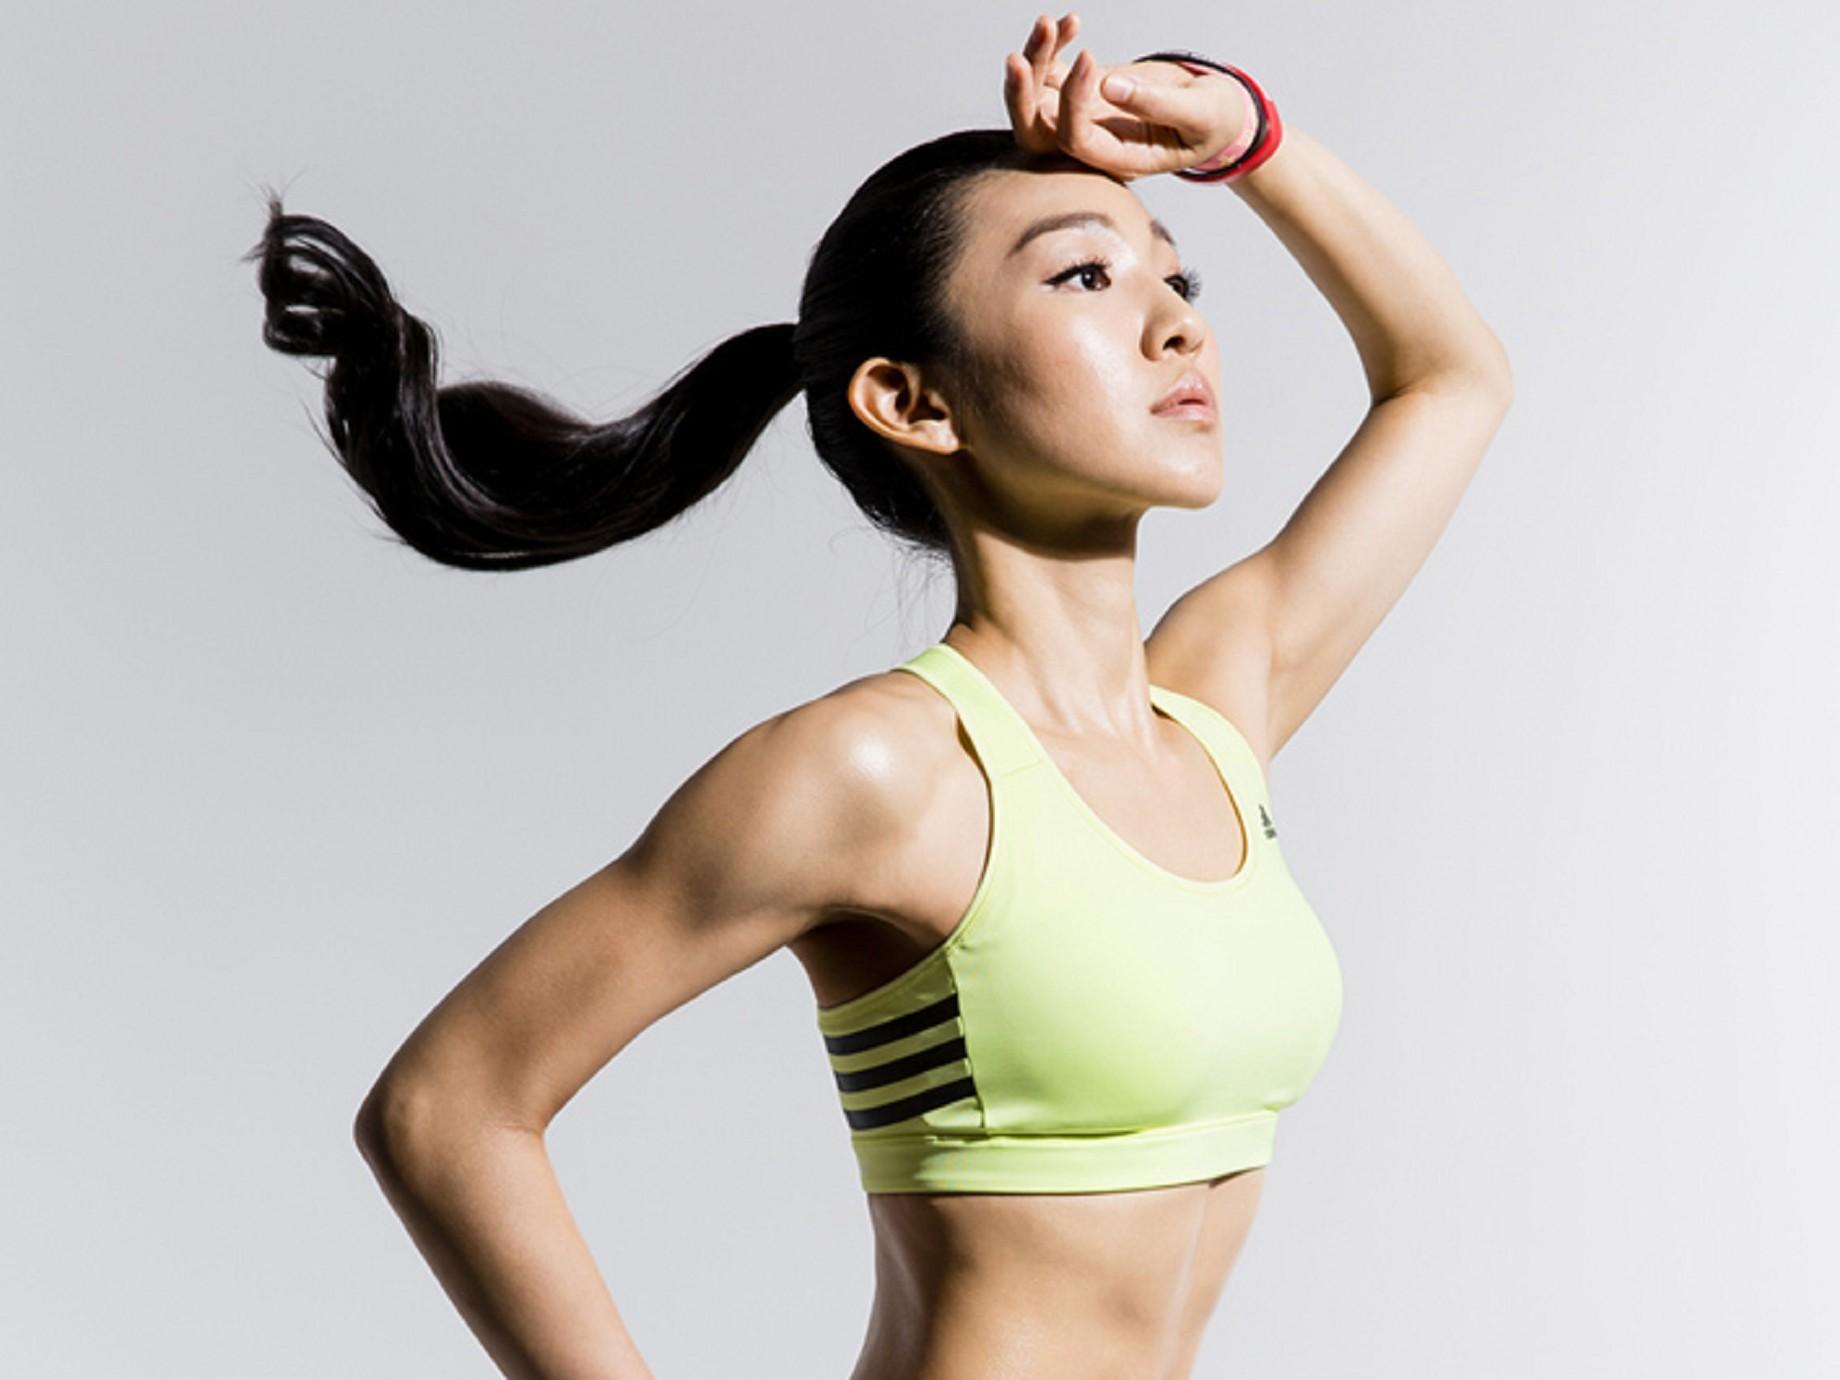 筋肉媽媽: 不只是部落客,我是自創品牌的健身專家